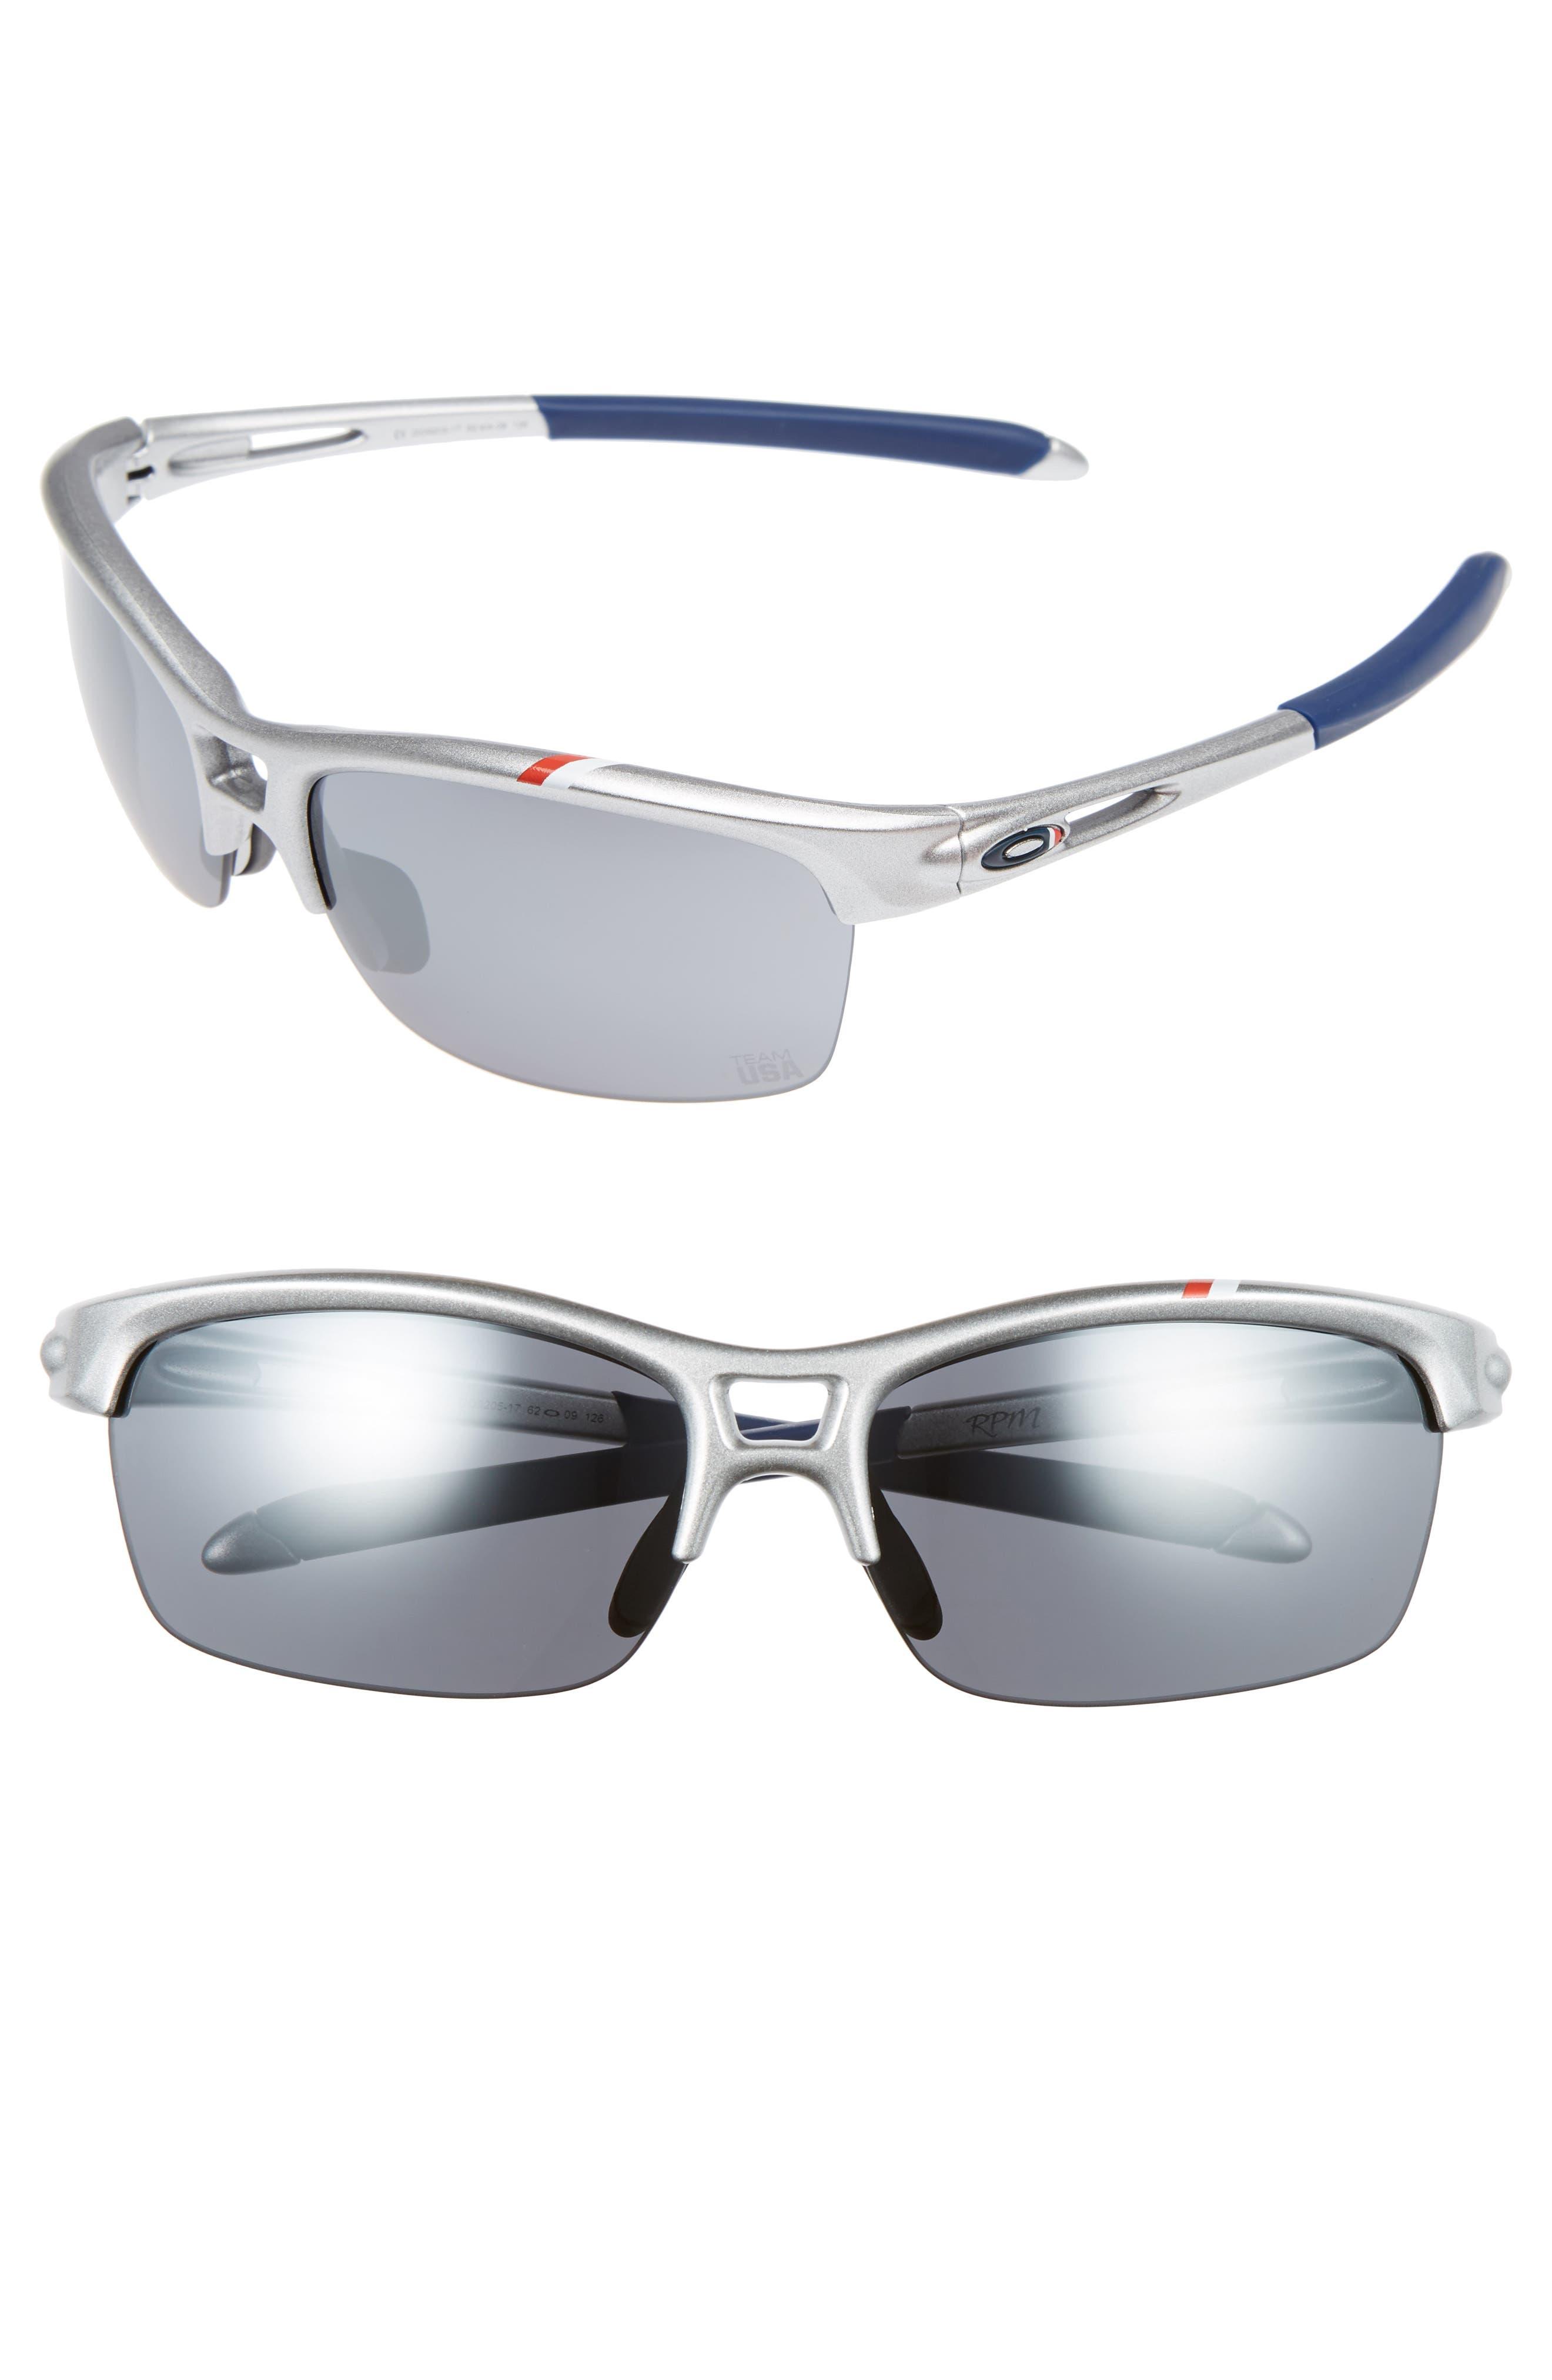 OAKLEY RPM 62mm Square Semi Rimless Sunglasses